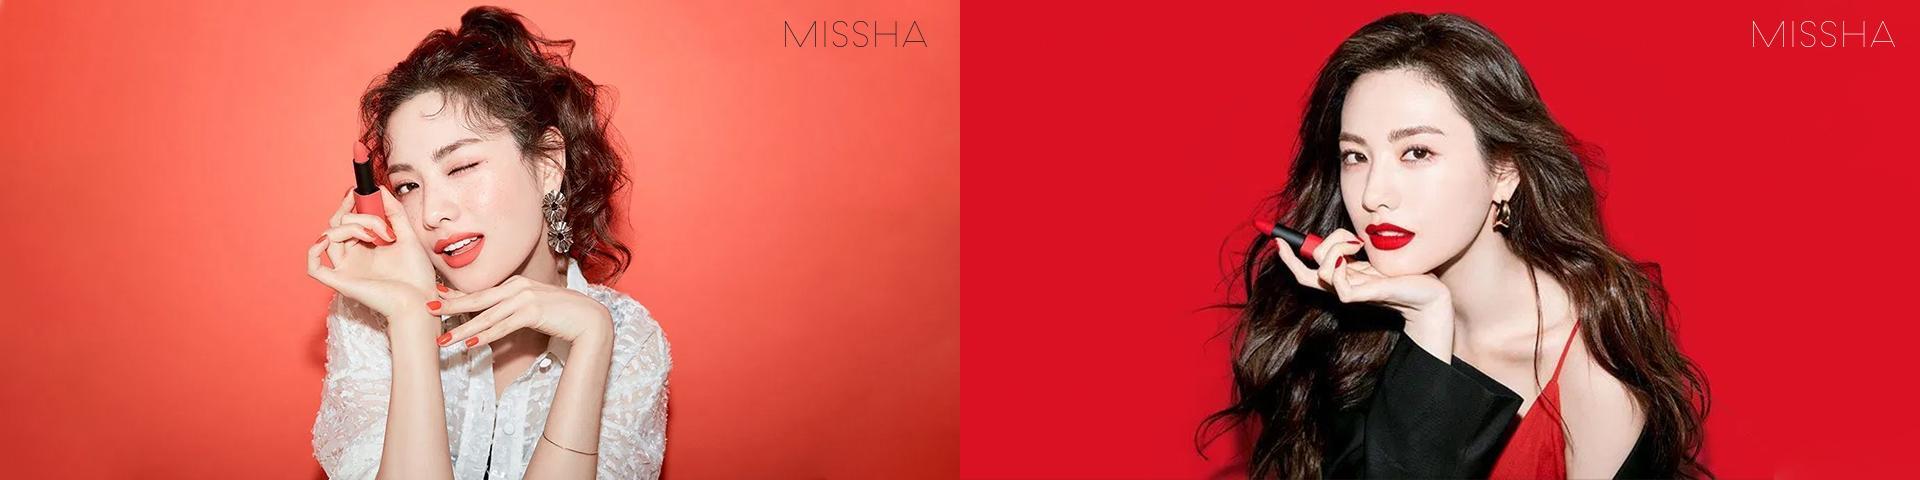 missha-dare-rouge-velvet